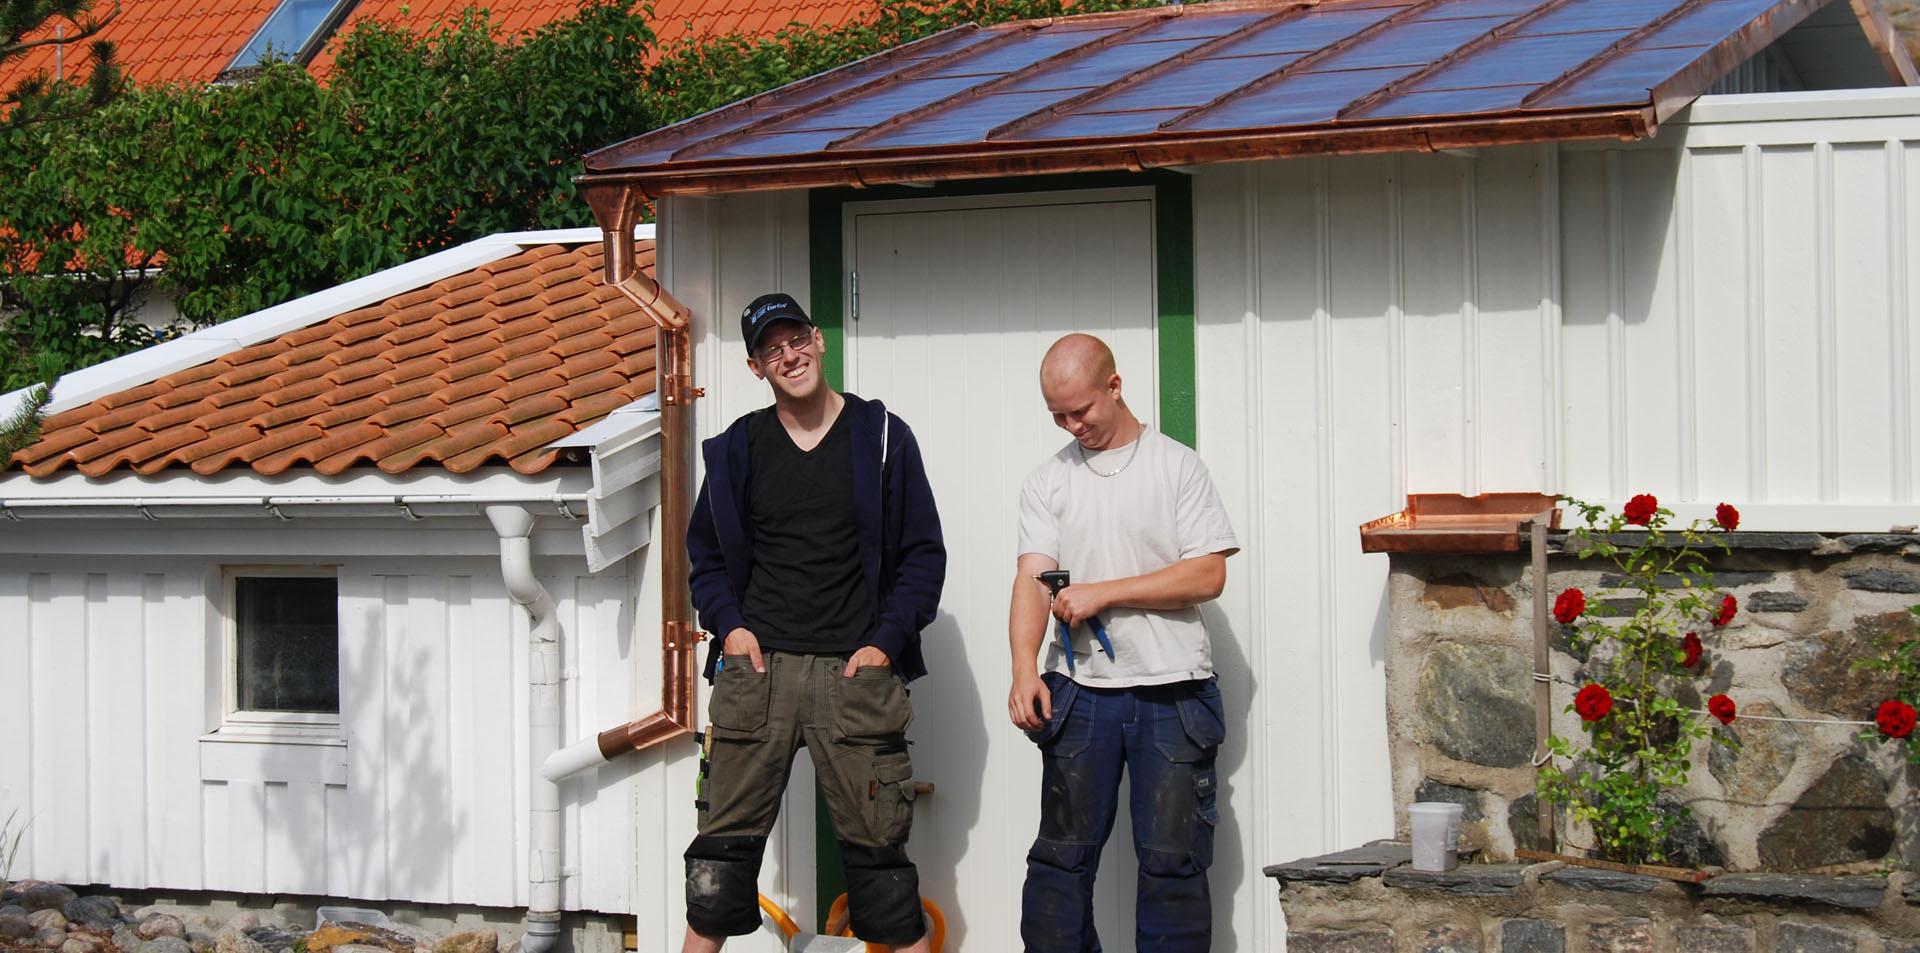 byggnadsplatslagare arbetar